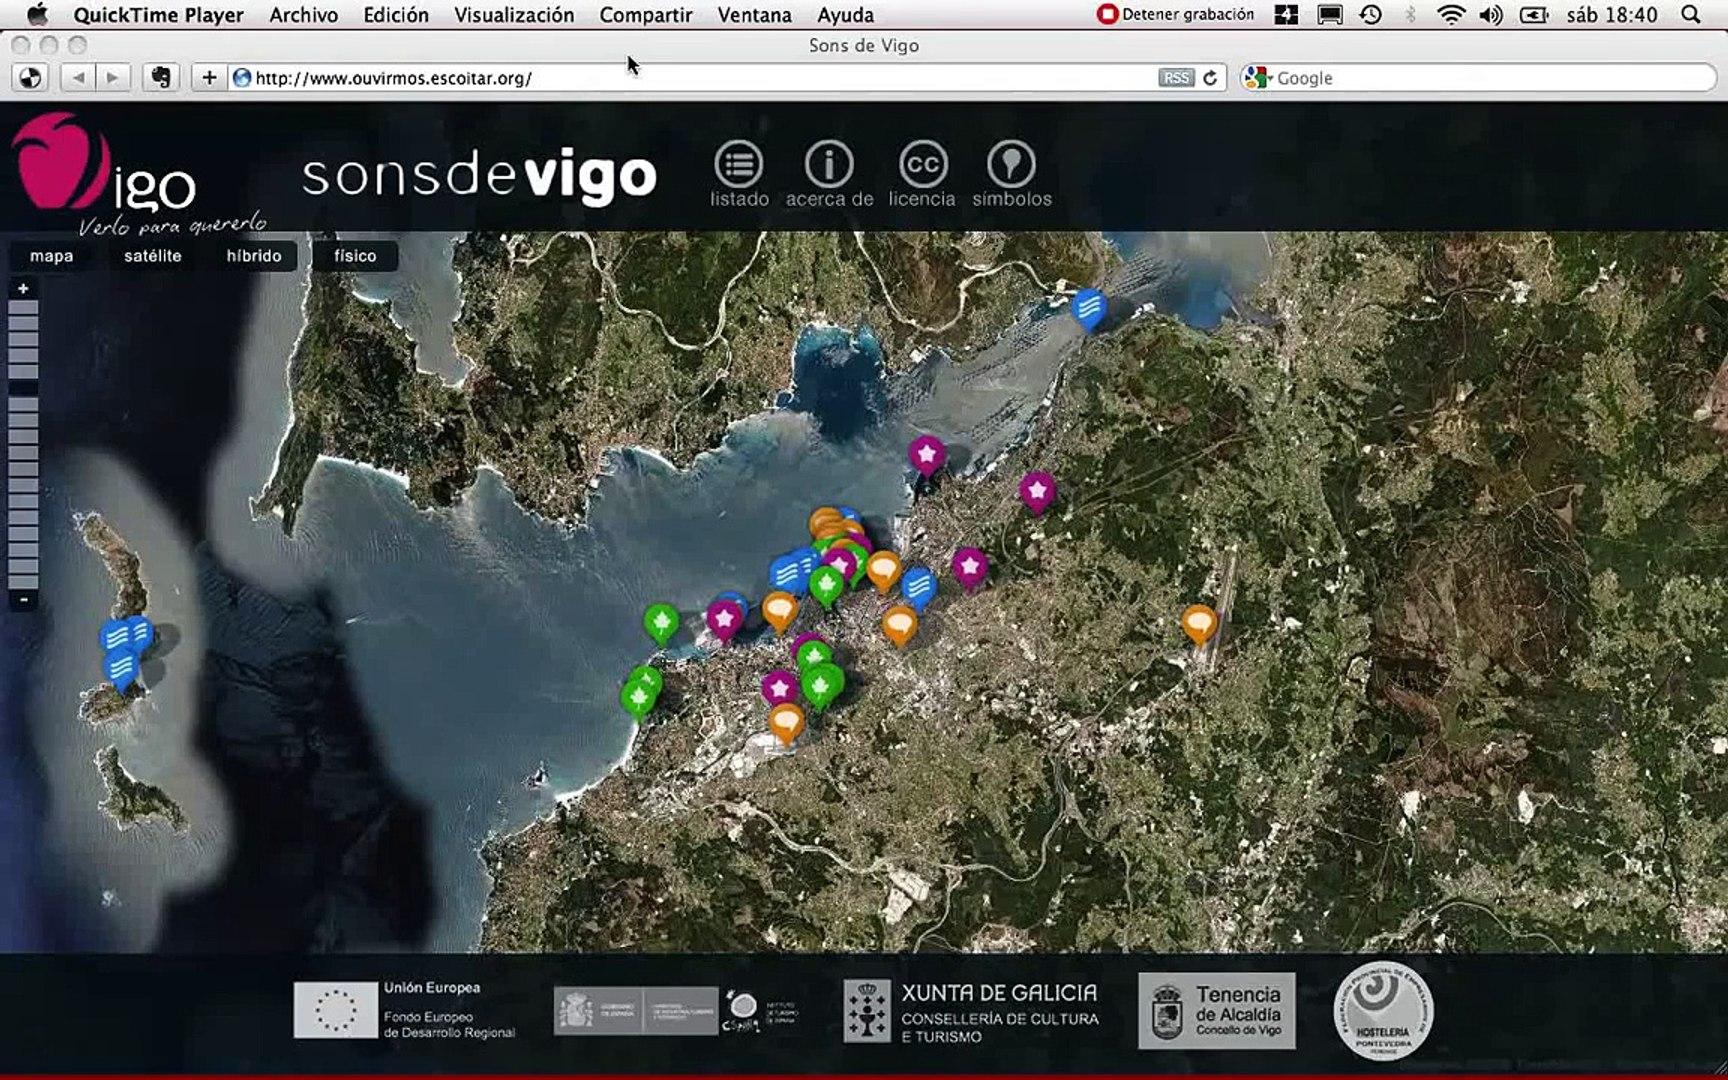 Mapa sonoro de Vigo (Escoitar.org)